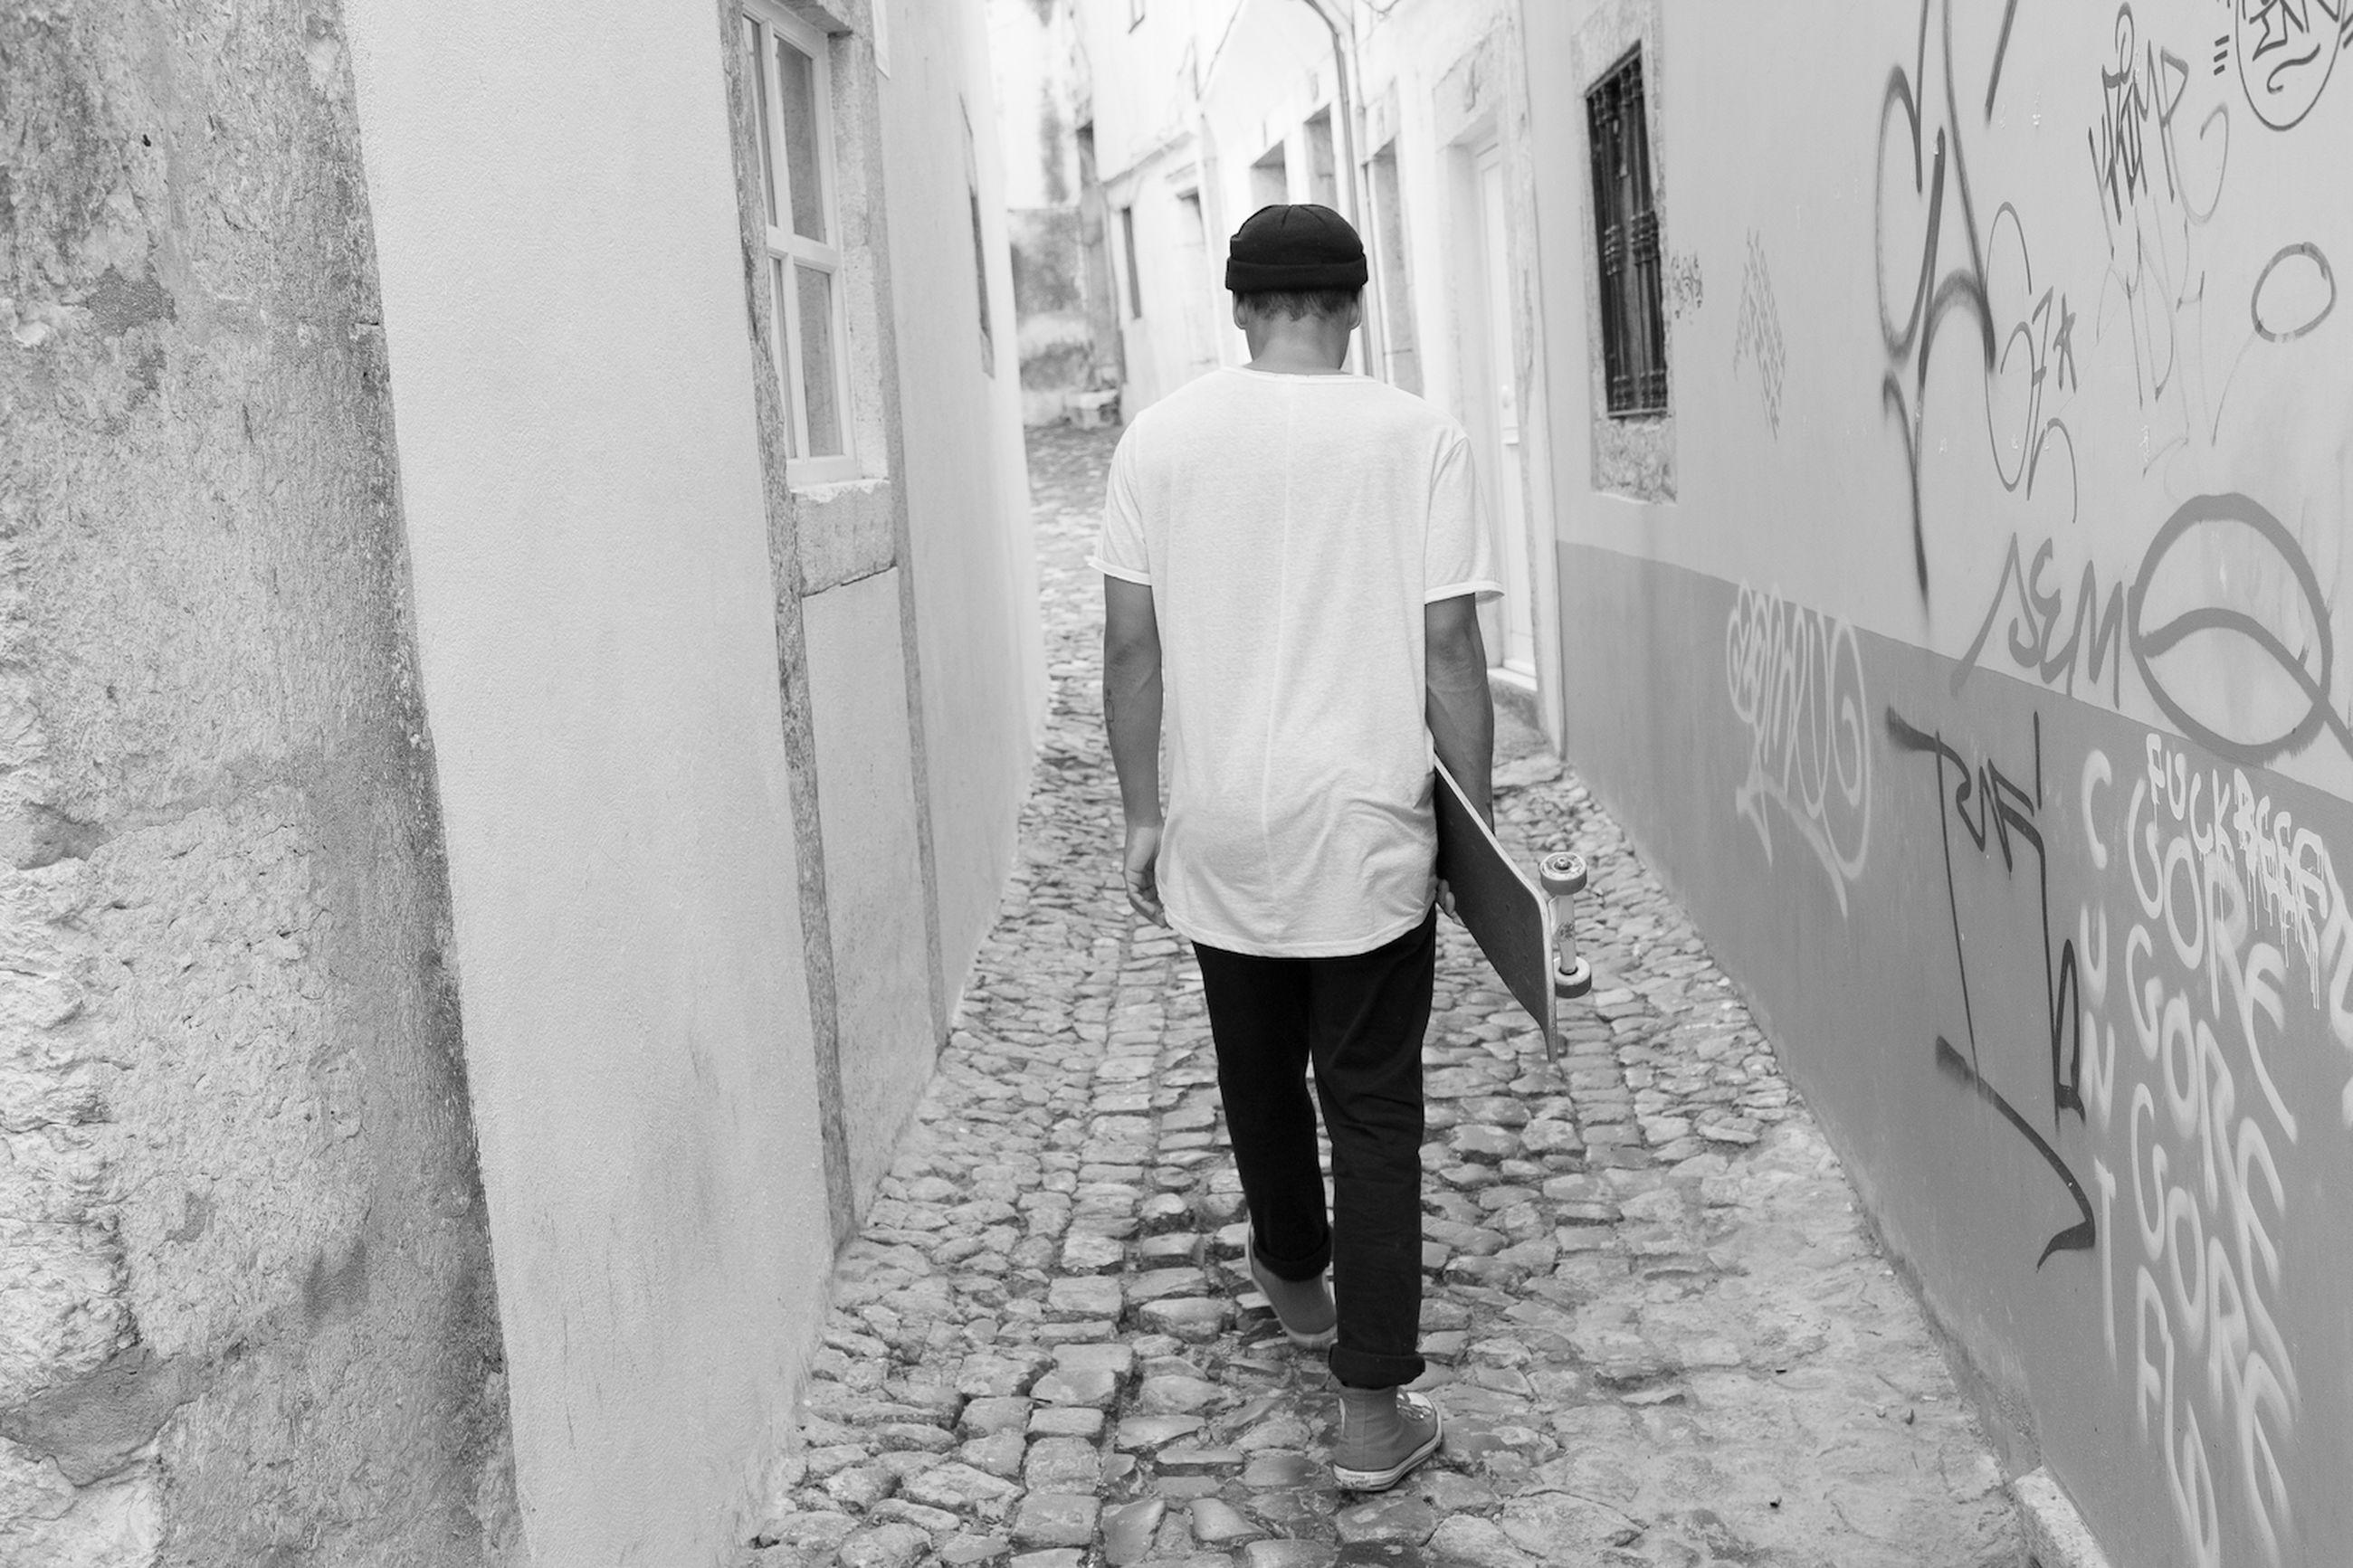 Rear view of man walking along buildings